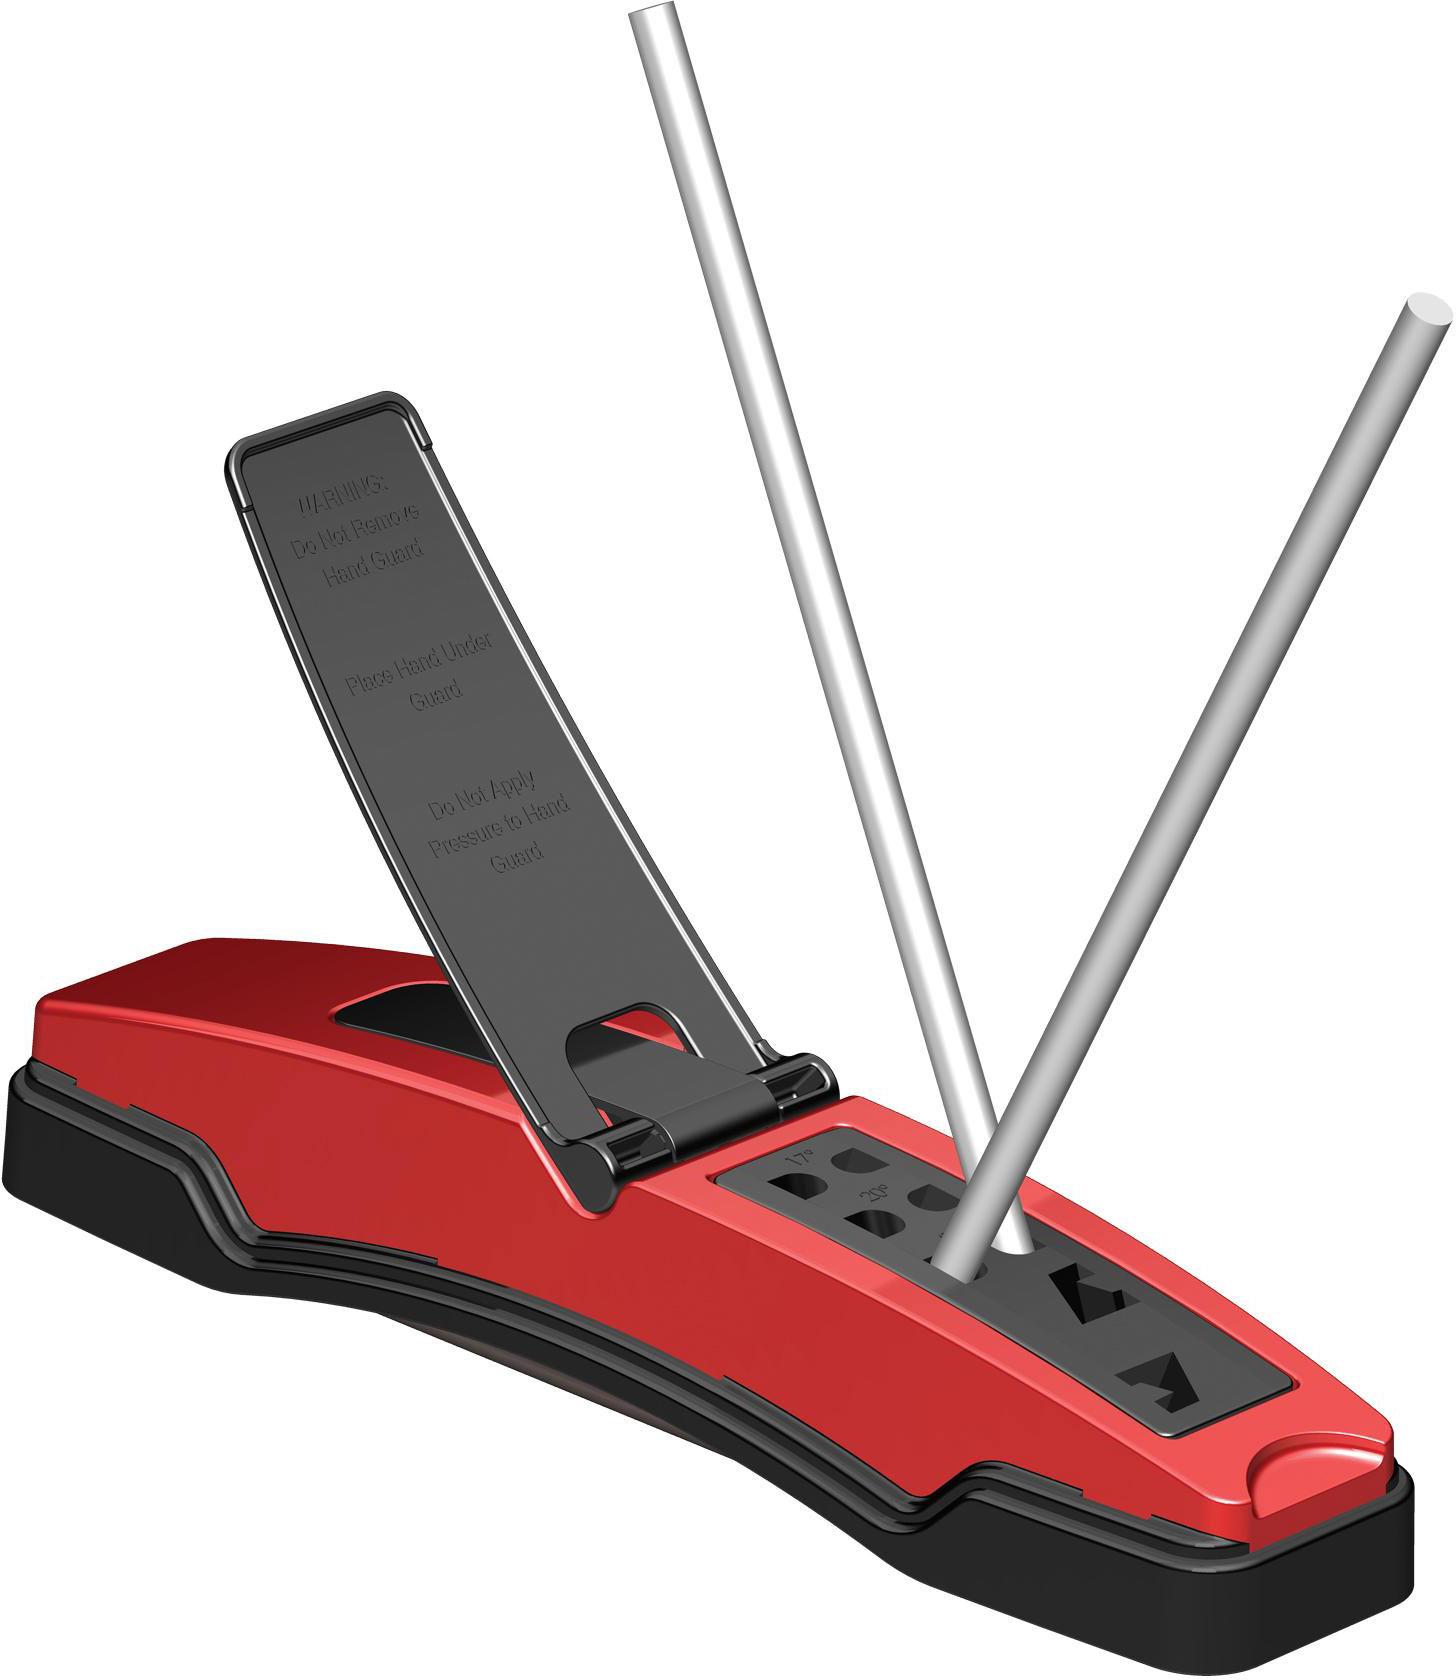 Lansky Master's Edge Sharpening System